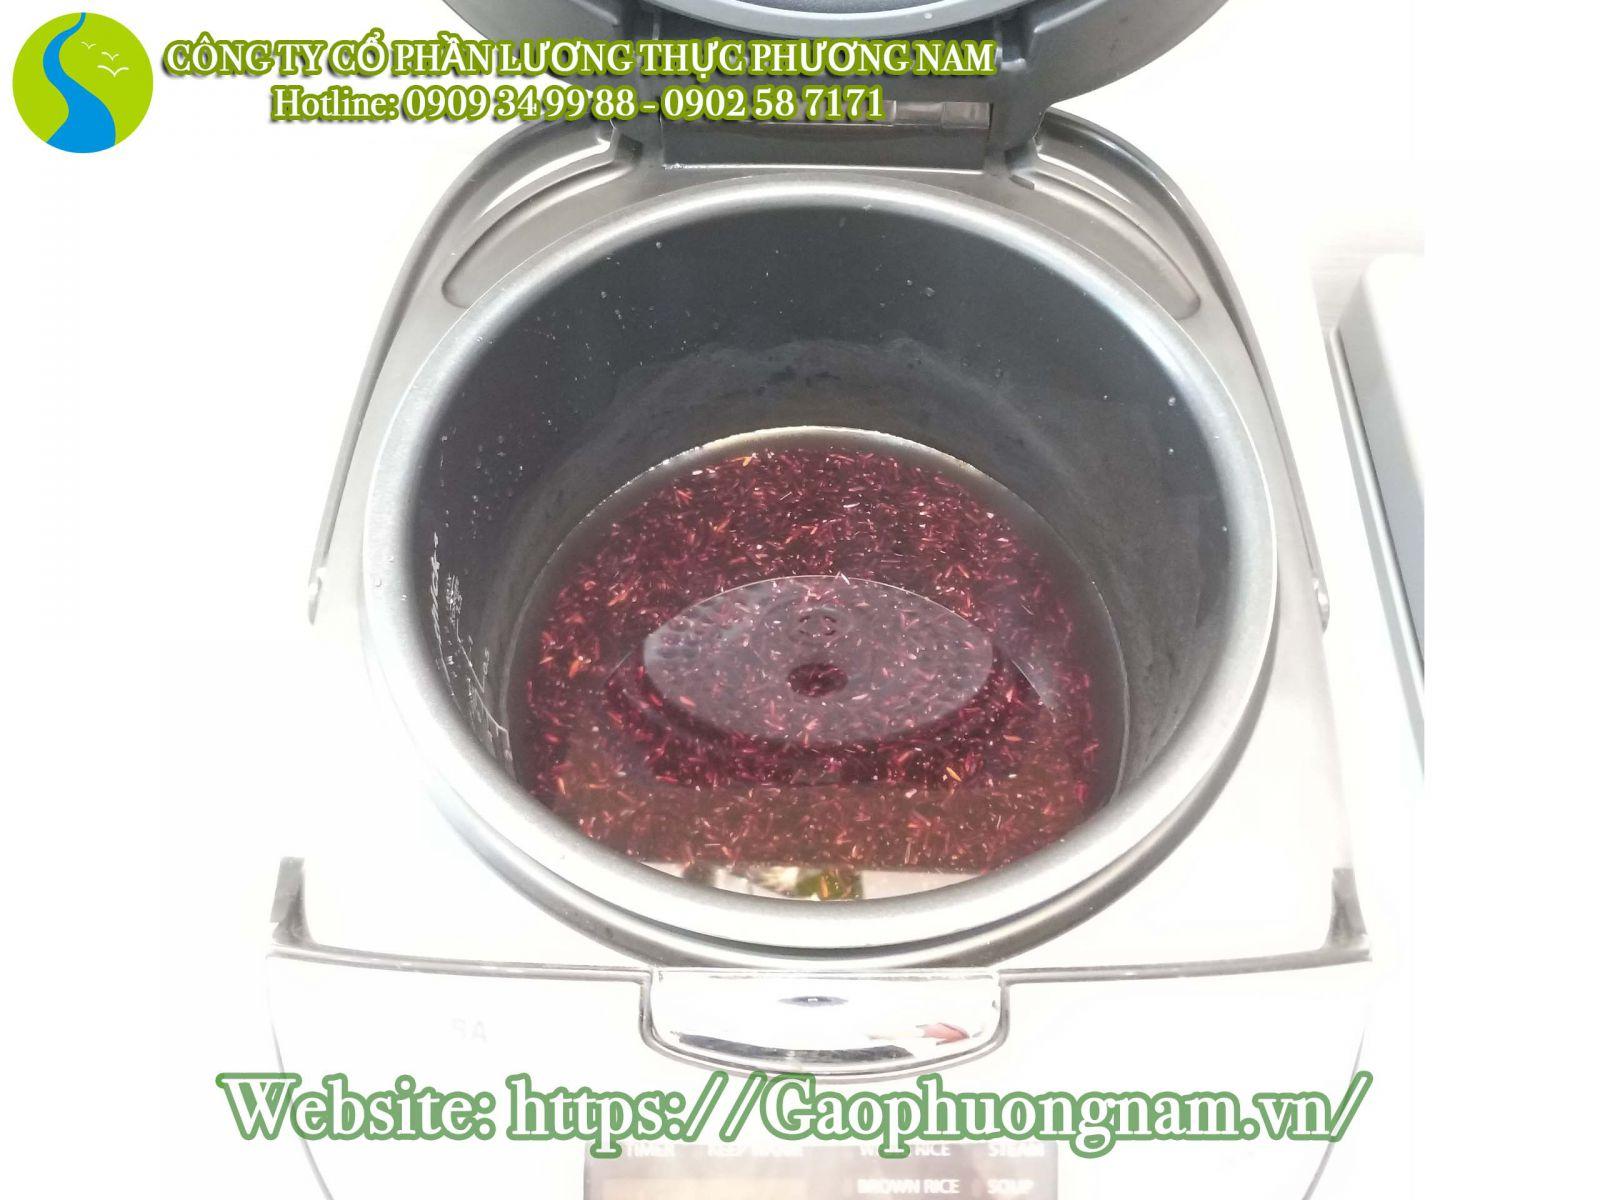 Nấu gạo lứt sóc trăng st đỏ bằng nồi cơm điện